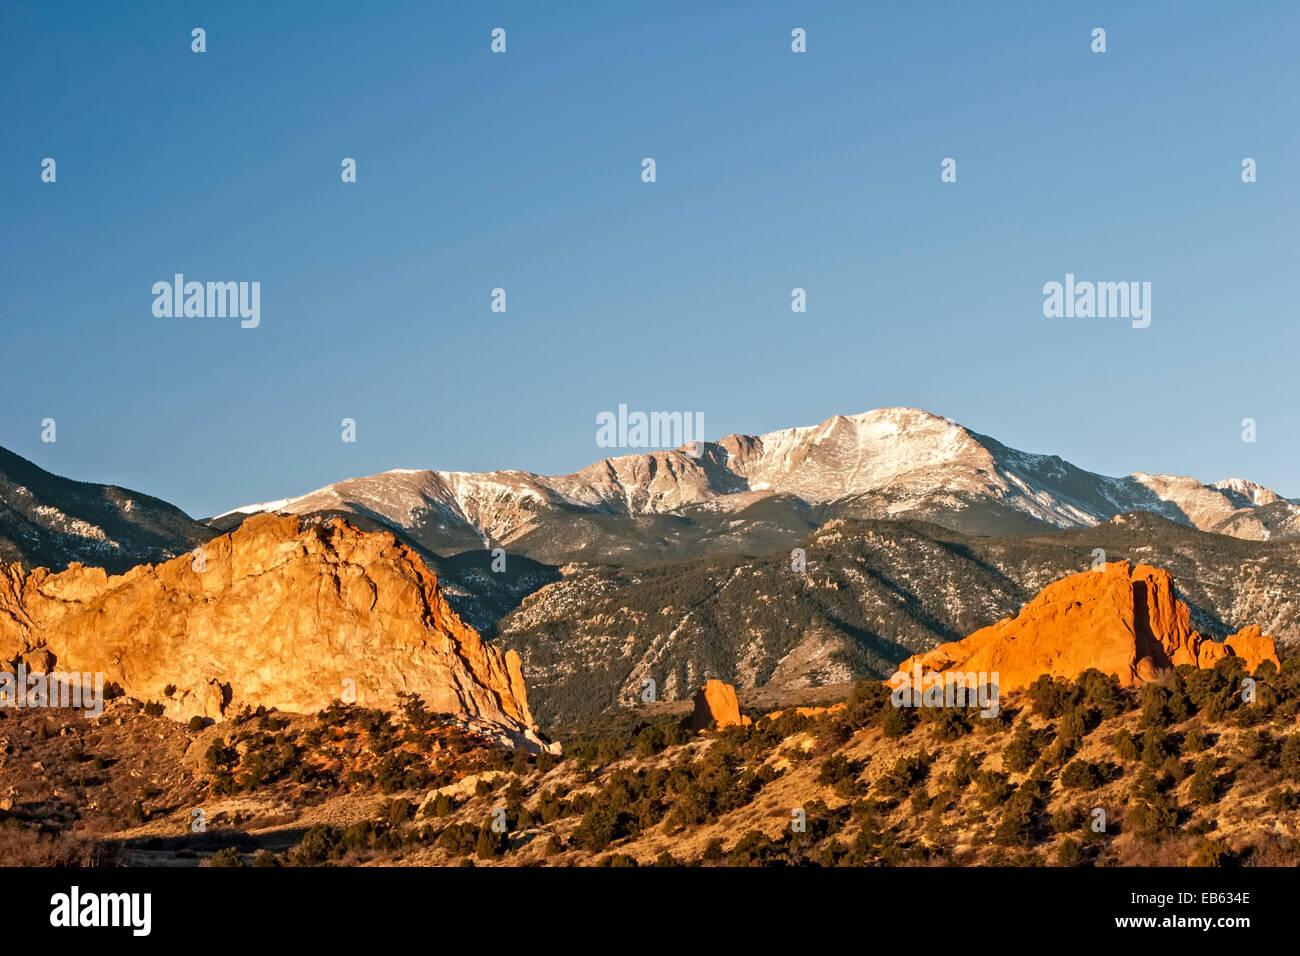 Pikes Peak Colorado Winter Imágenes De Stock & Pikes Peak Colorado ...